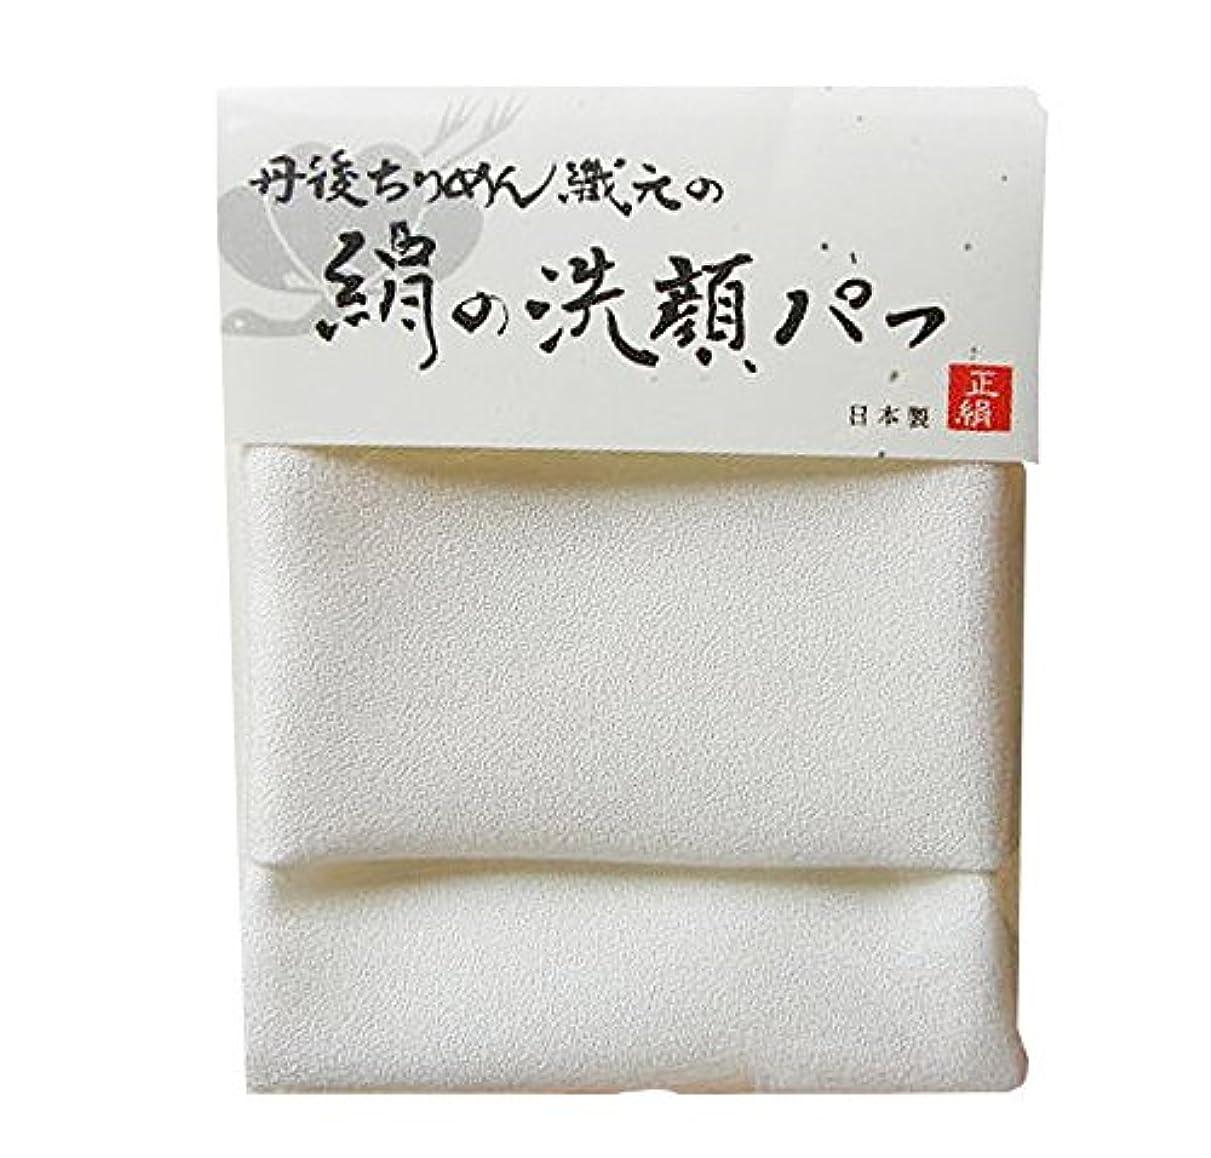 リル失礼なトライアスリート【NHKイッピンで紹介!】丹後ちりめん織元の絹の洗顔パフ